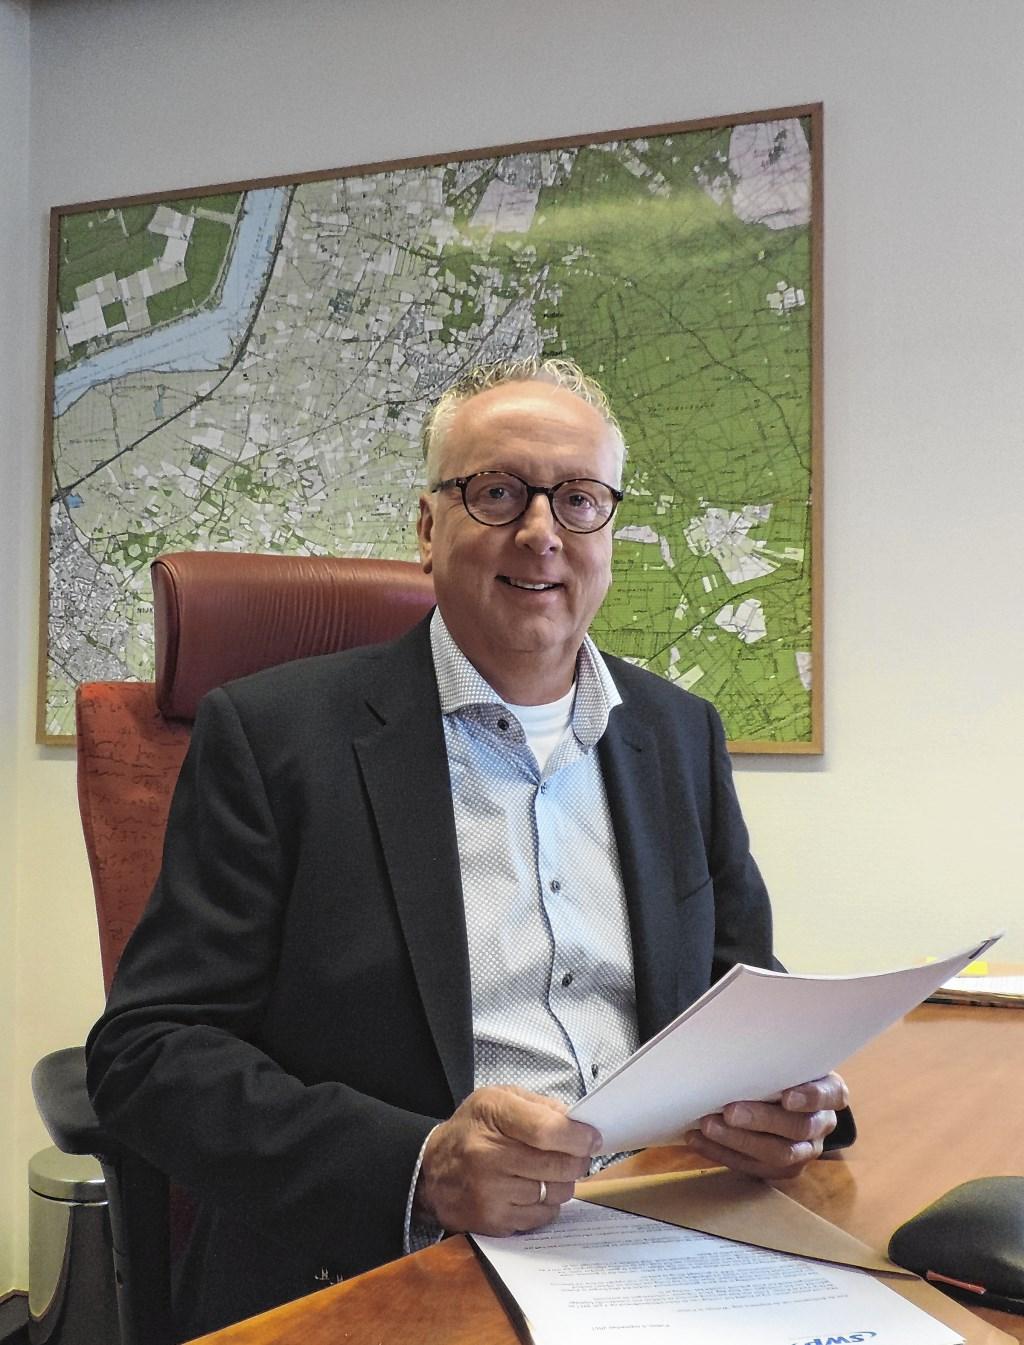 Wethouder Gerbert Priem hoort graag hoe inwoners van Putten aankijken tegen maatregelen die genomen moeten worden. Wijnand Kooijmans © BDU media